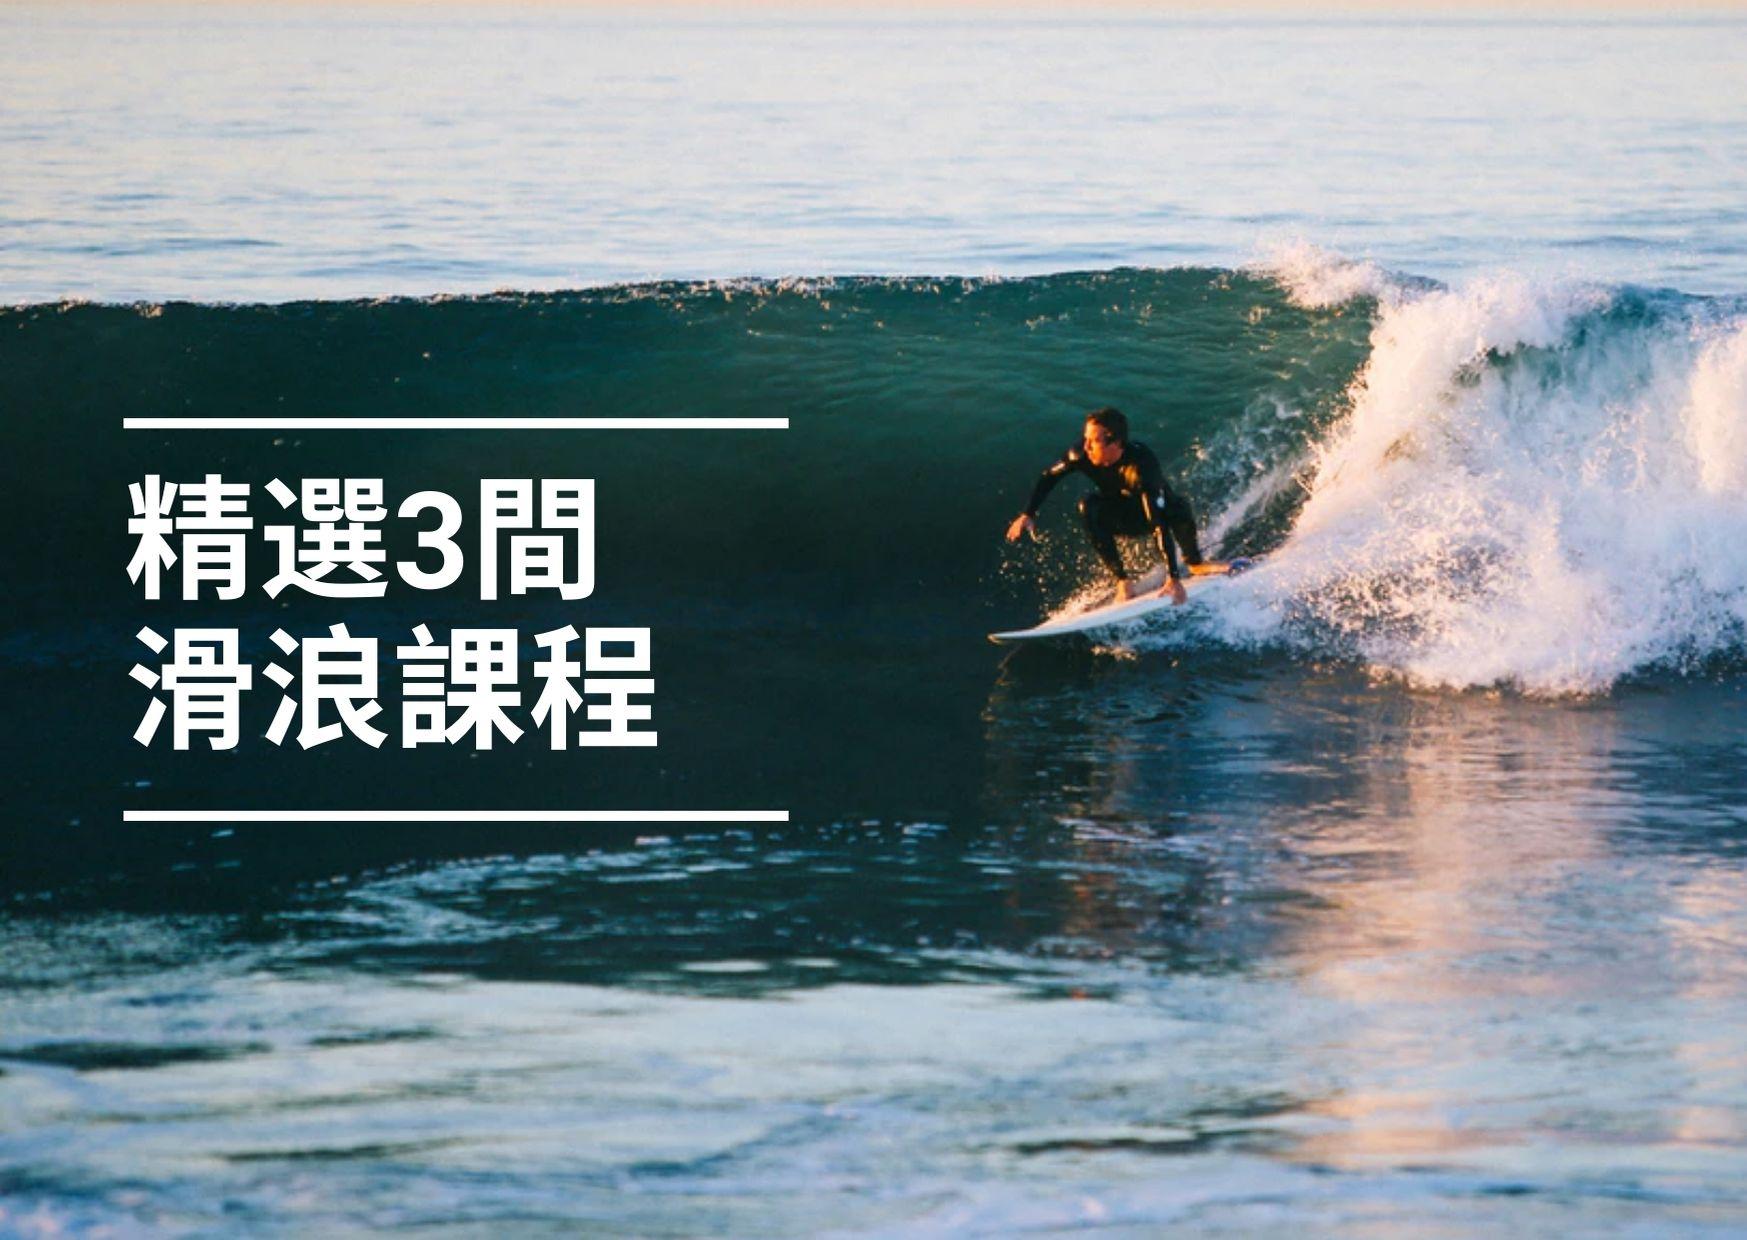 【水上活動】2021必試!3間香港最熱門滑浪班